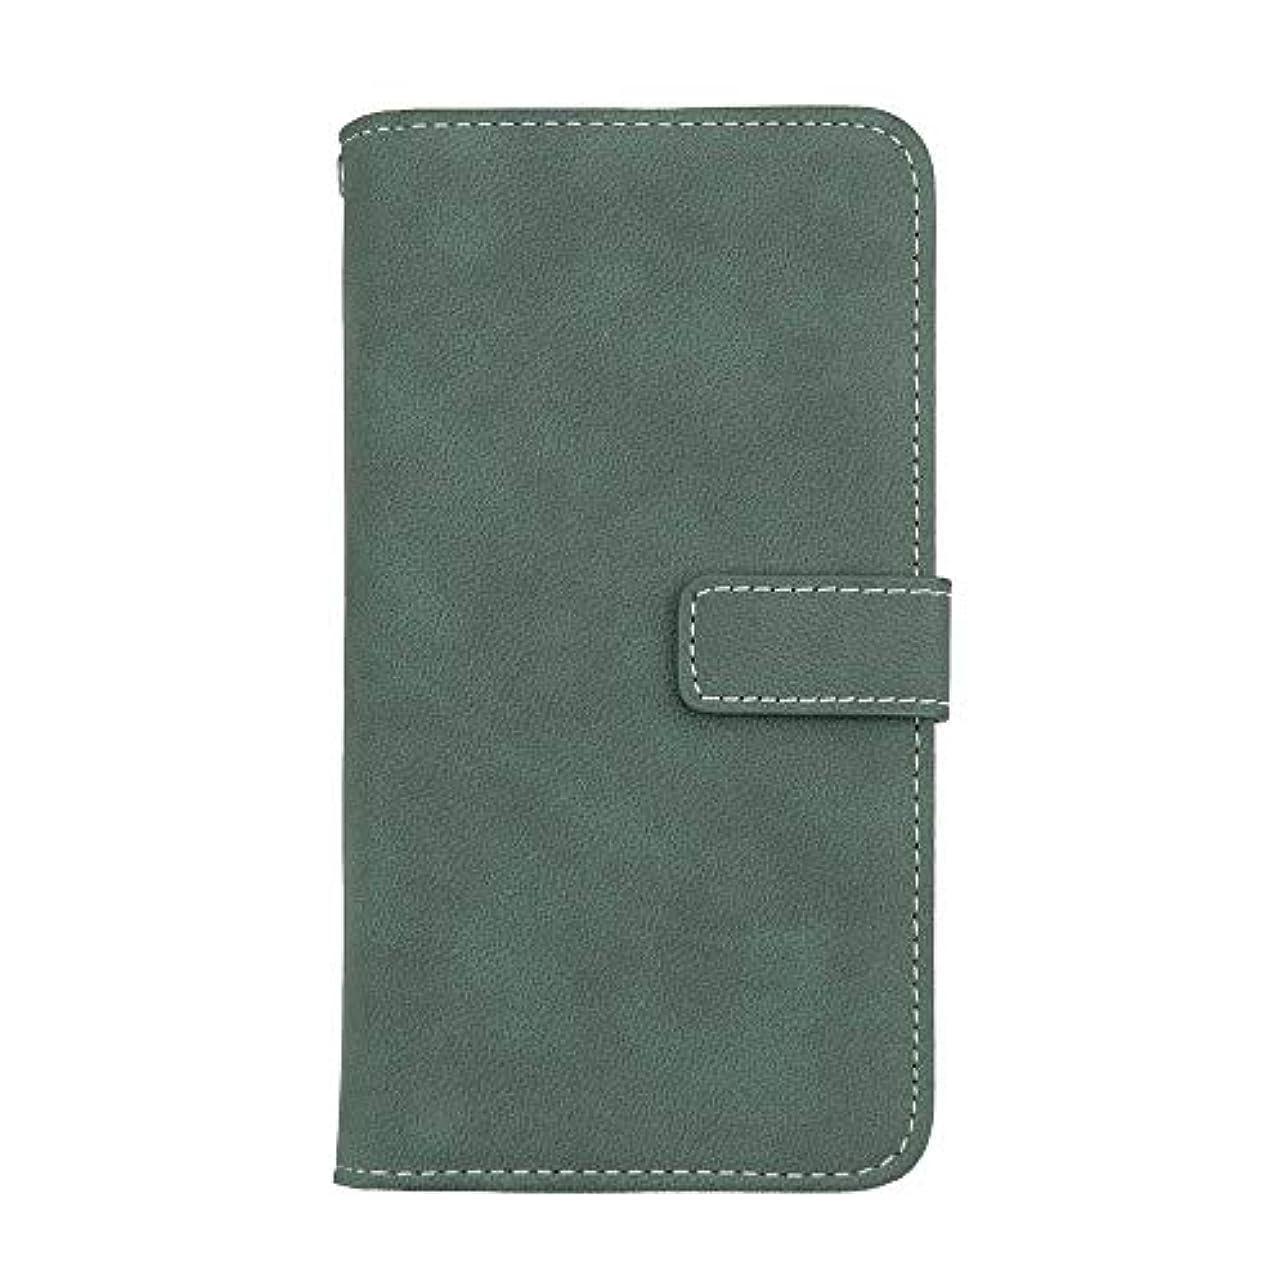 埋めるファーザーファージュスタンドXiaomi Redmi Note 3 高品質 マグネット ケース, CUNUS 携帯電話 ケース 軽量 柔軟 高品質 耐摩擦 カード収納 カバー Xiaomi Redmi Note 3 用, グリーン